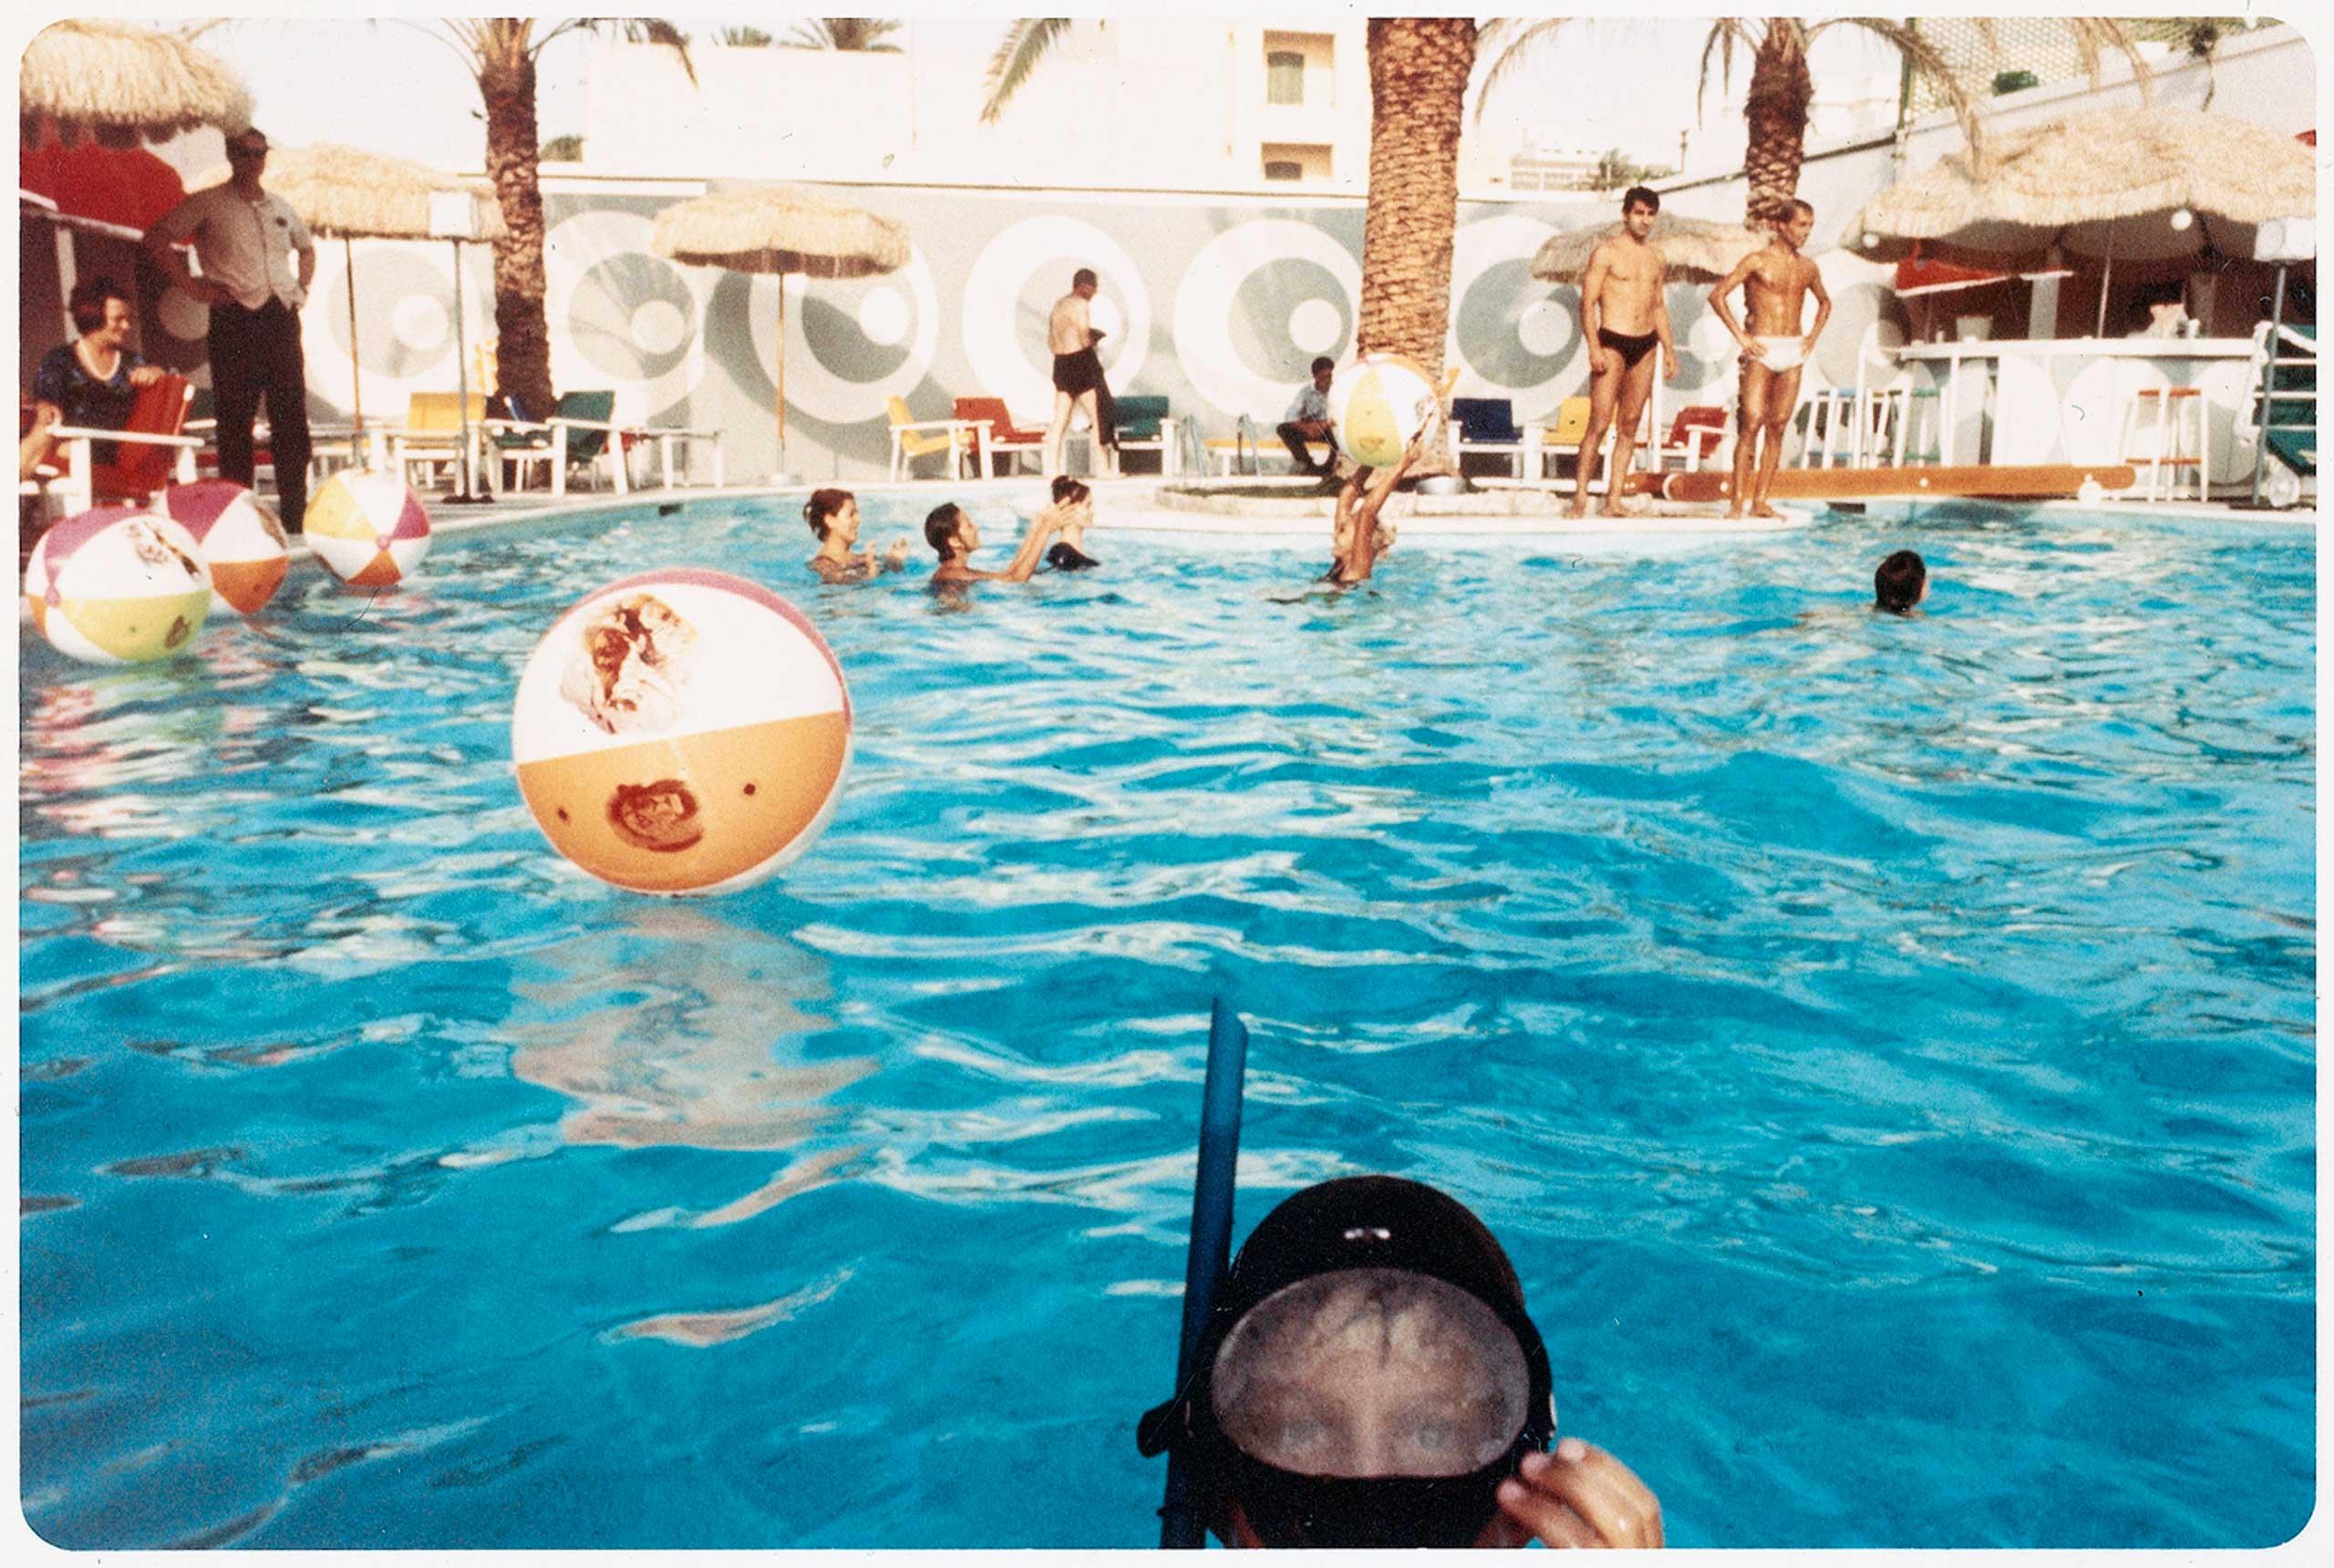 The Uaddan Hotel swimming pool